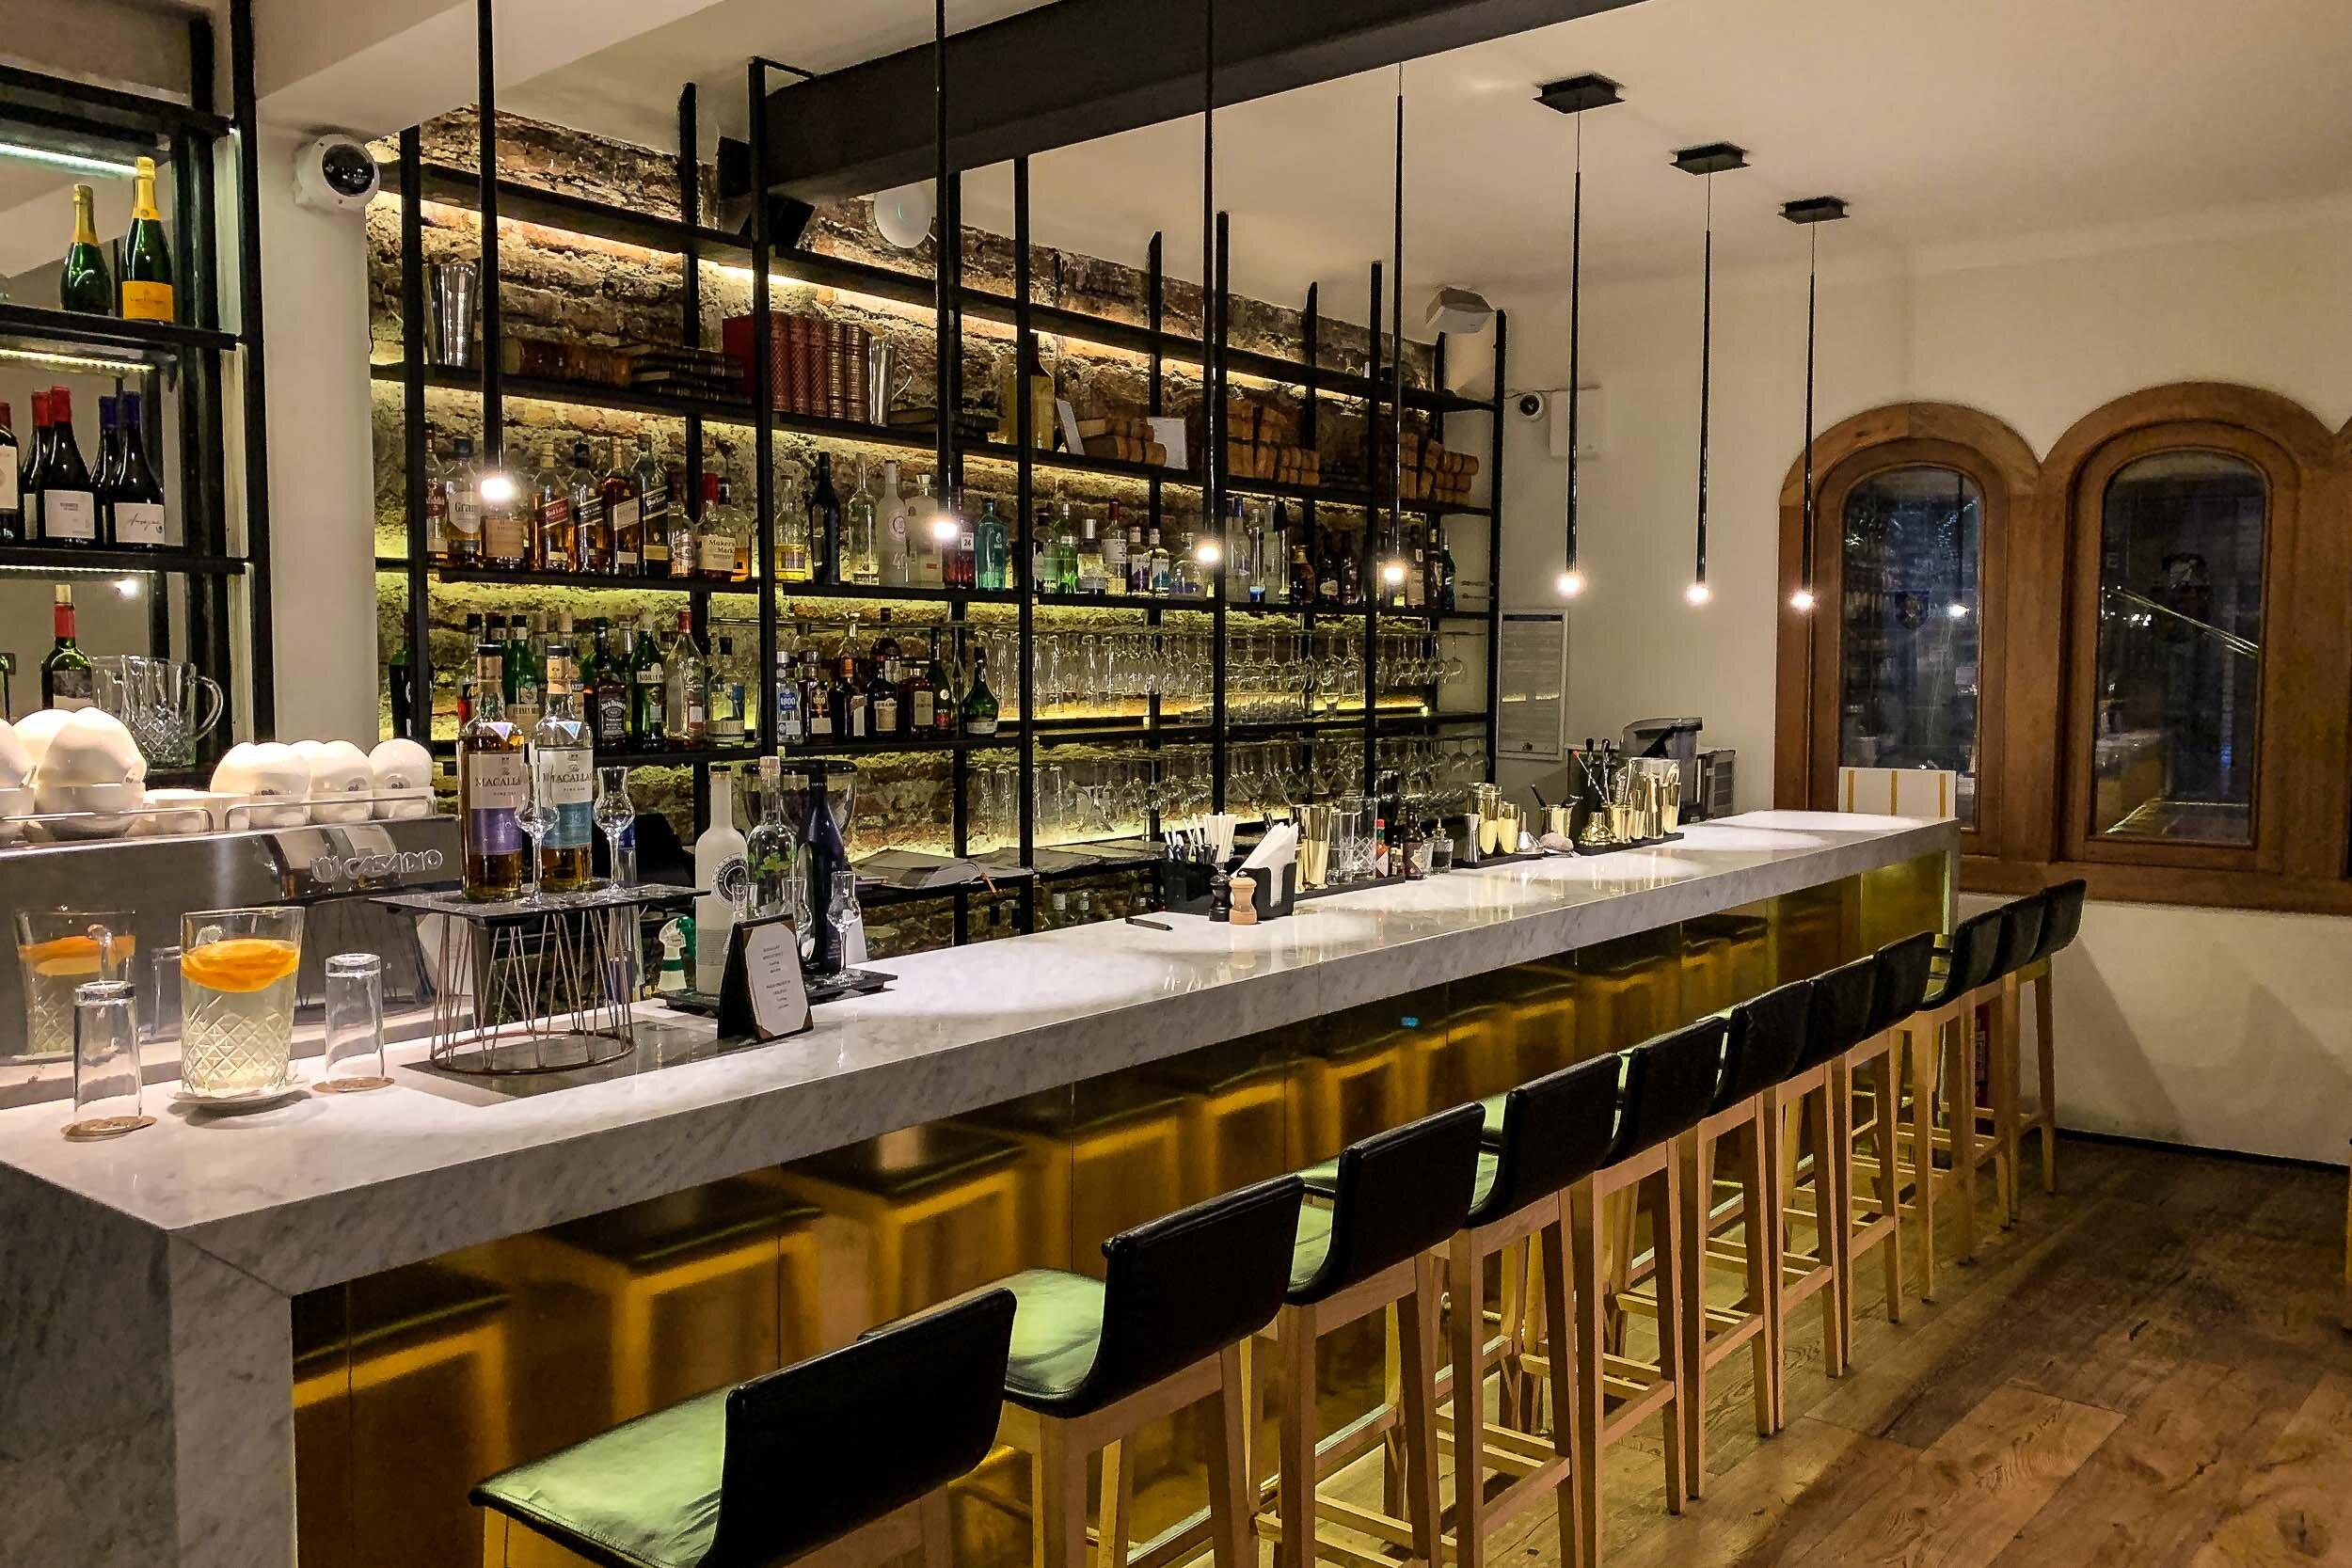 The Bar, Hotel Magnolioa, Santiago, Chile